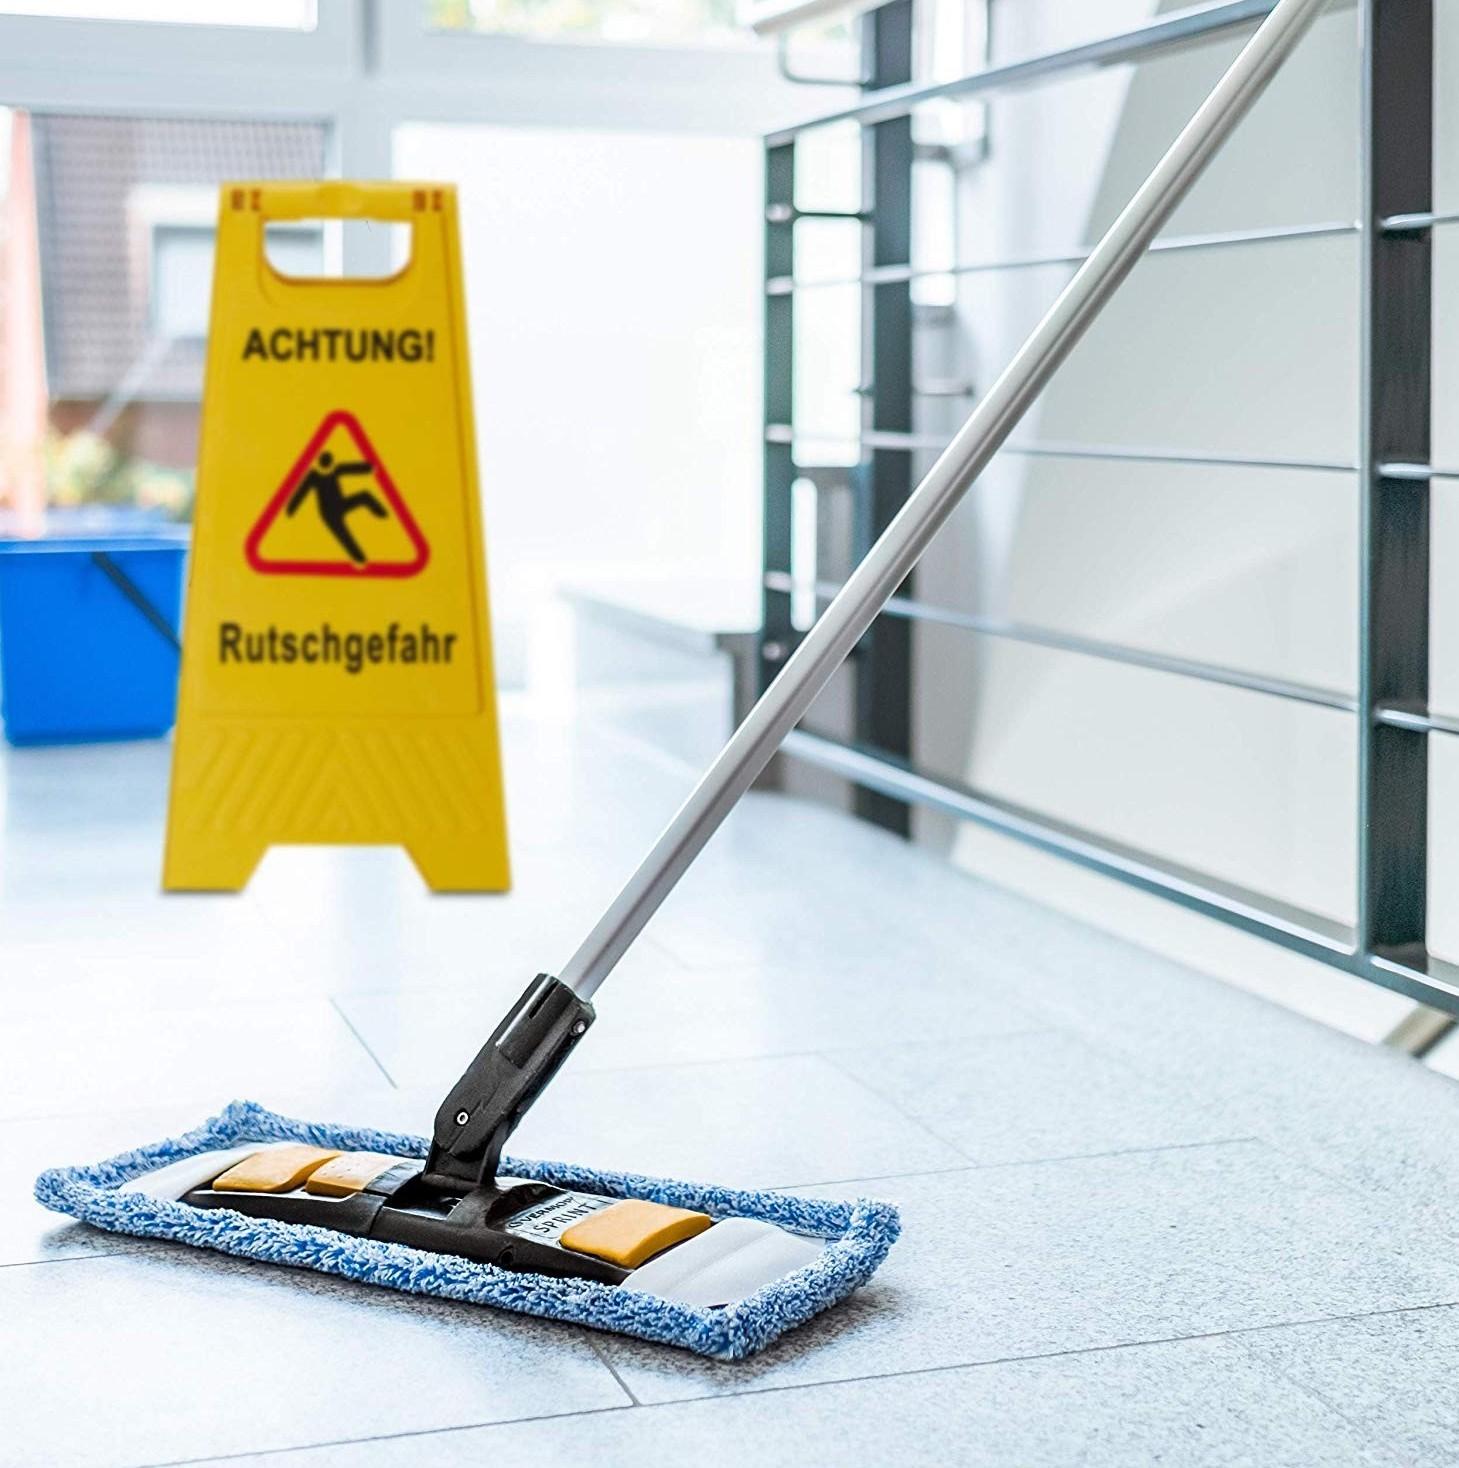 Persona scivola su pavimento bagnato e si fa male. Cosa succede, chi paga i danni